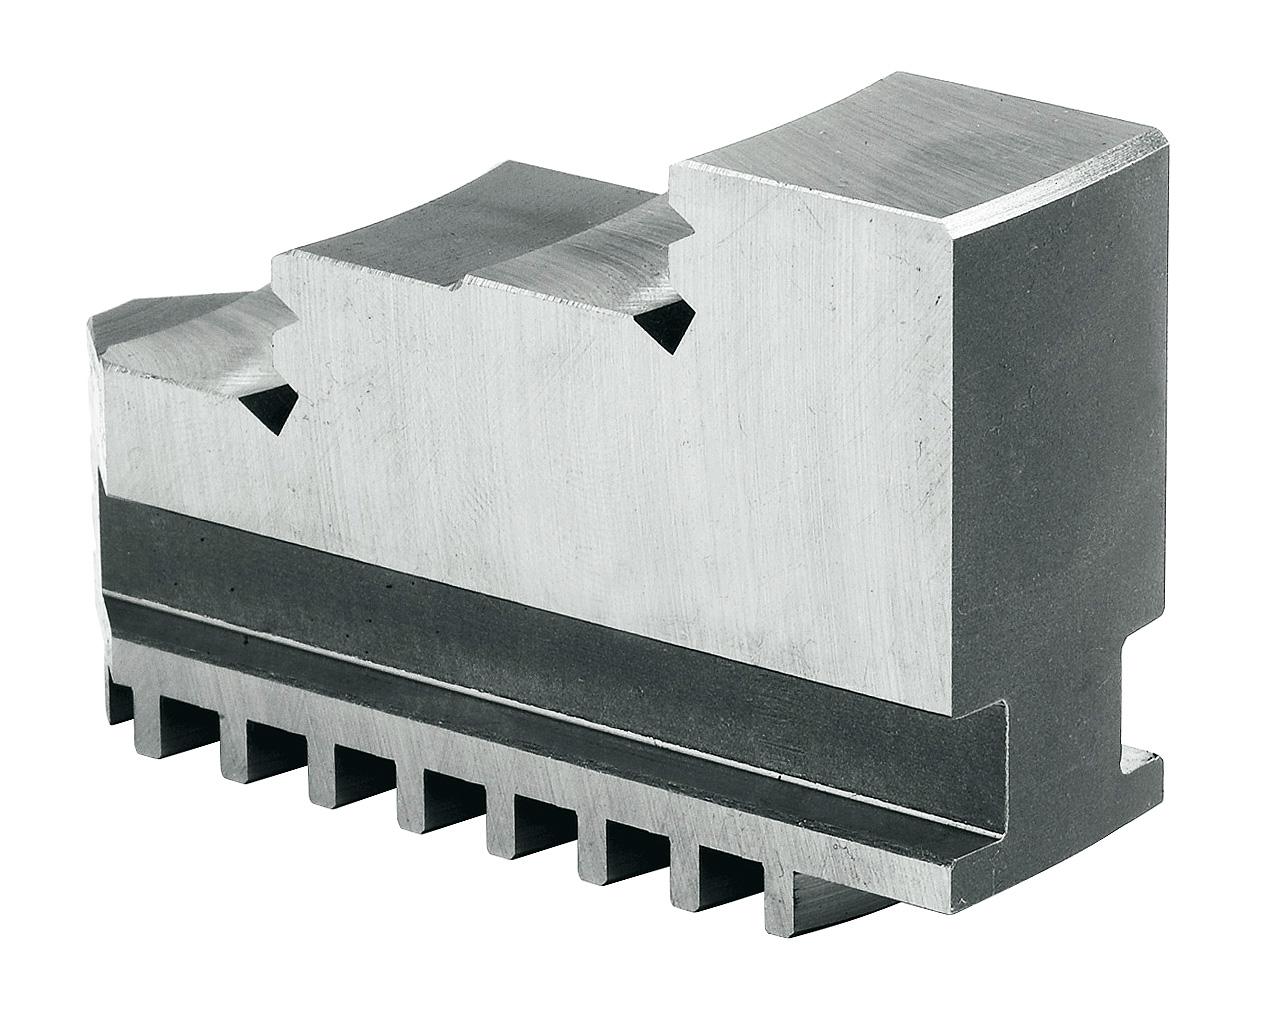 Szczęki jednolite twarde wewnętrzne - komplet DIJ-DK12-315 BERNARDO